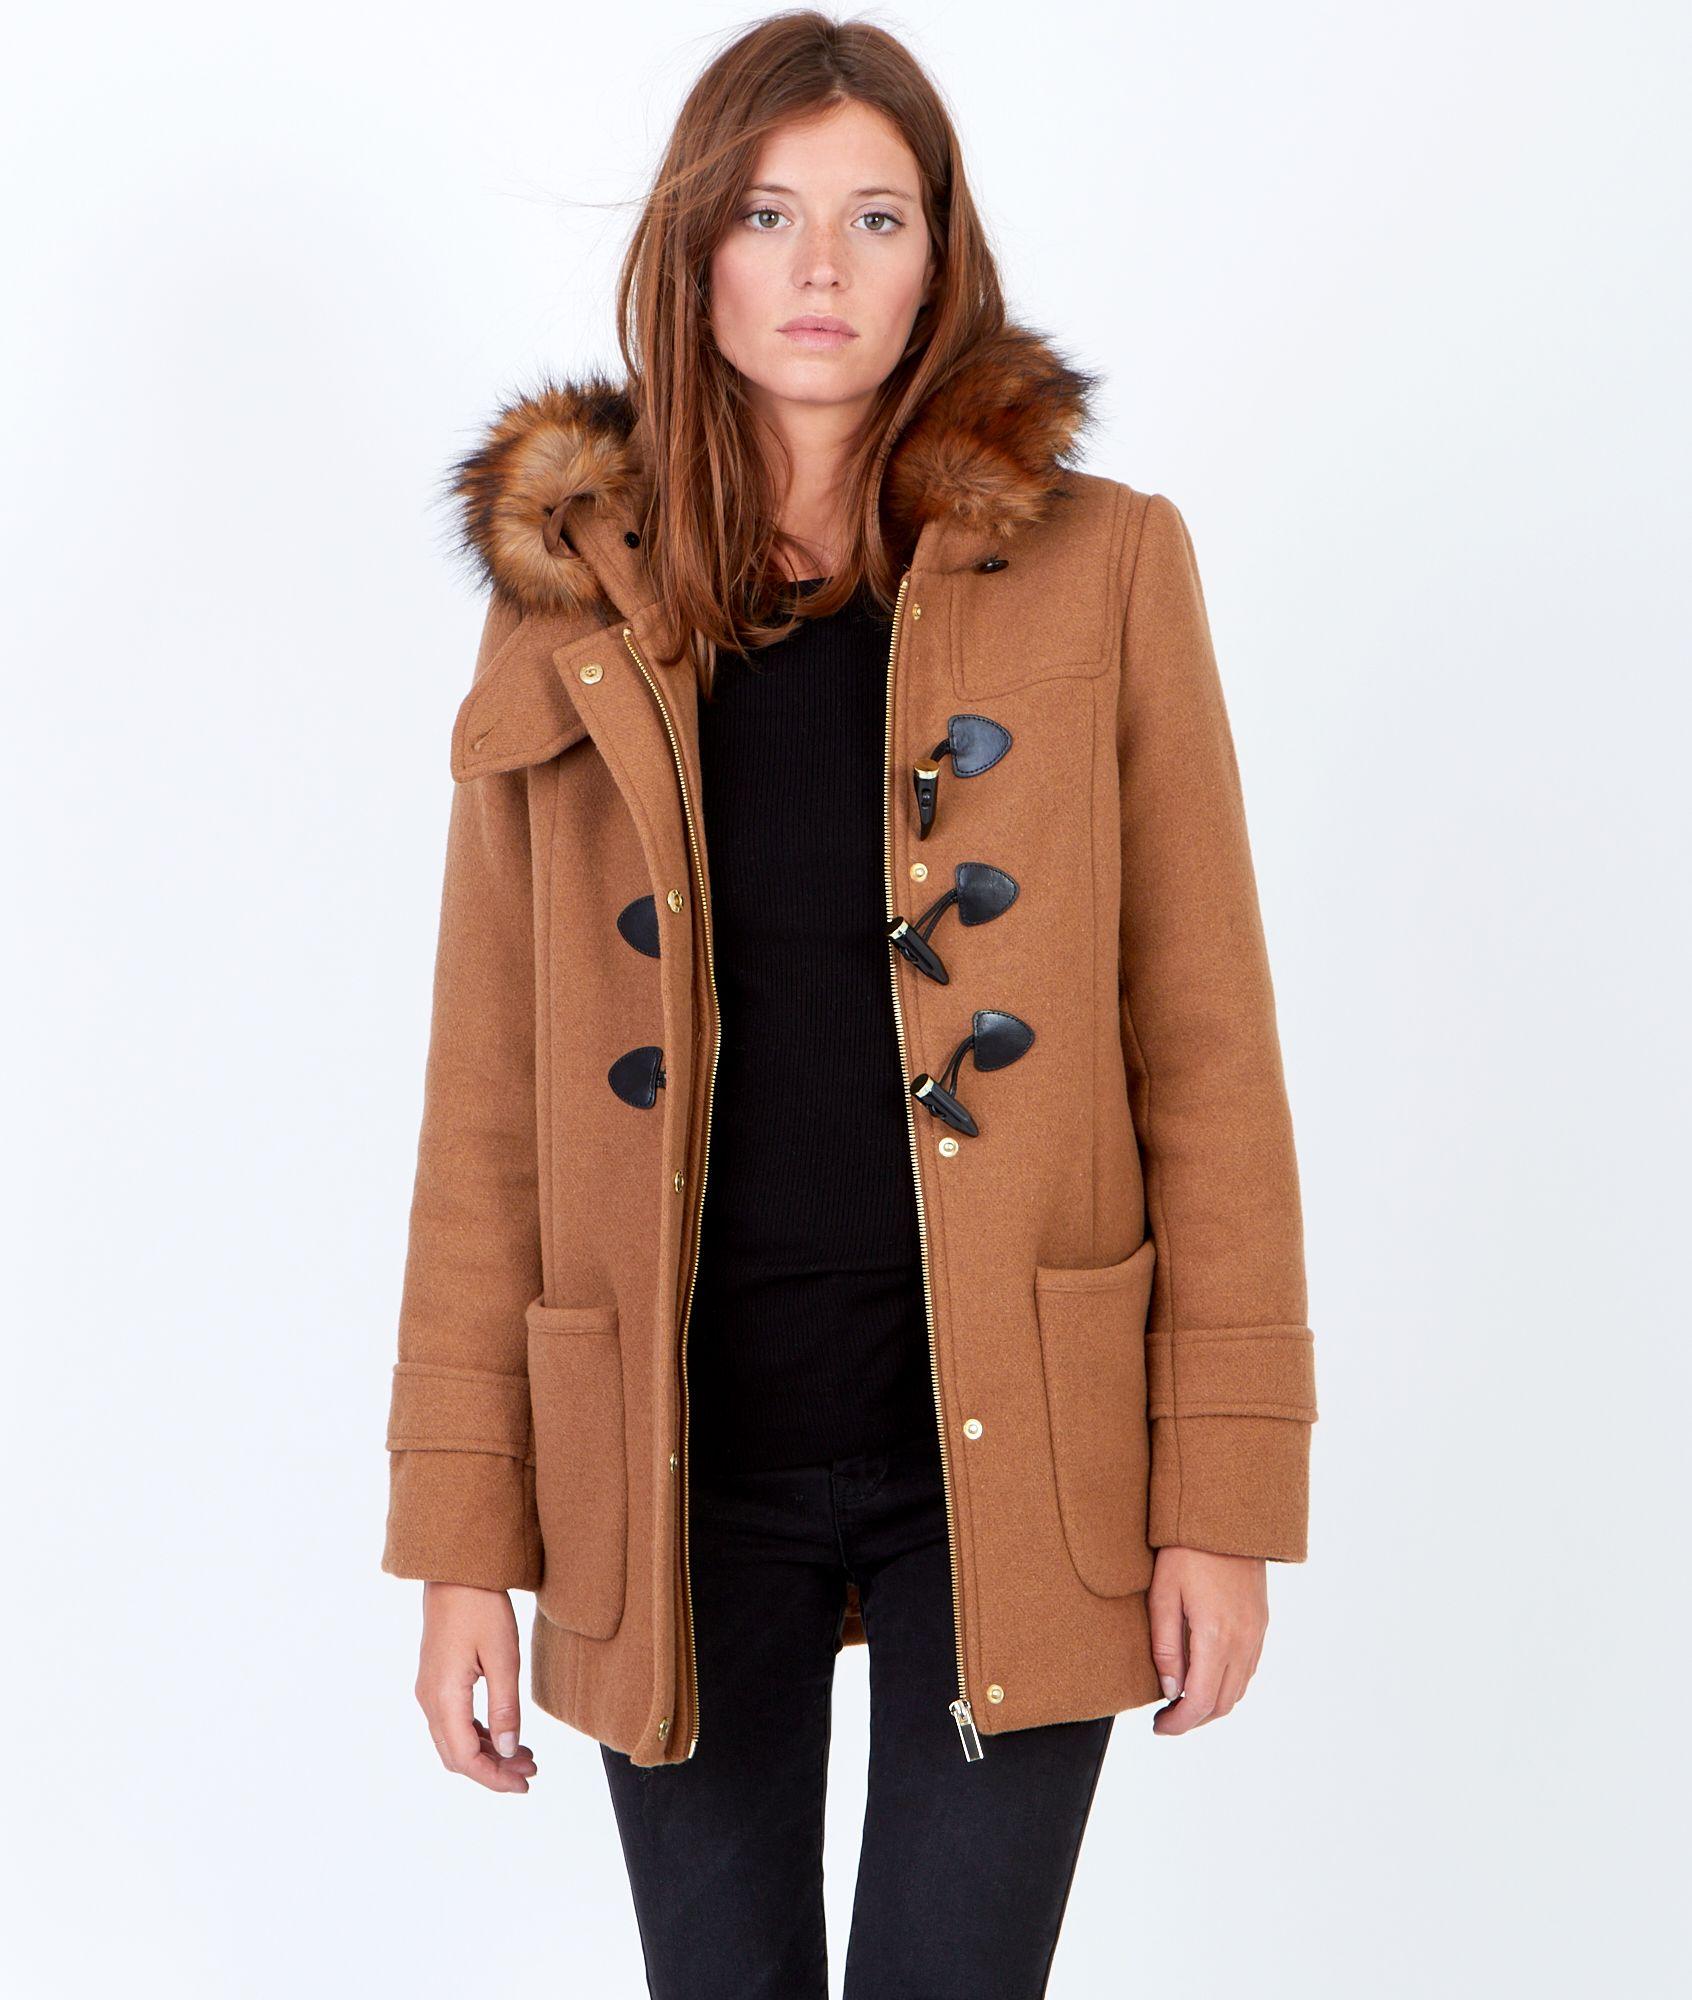 grande vente eb03f f4e08 Etam - Duffle coat à capuche fourrée | Wish wish wish ...